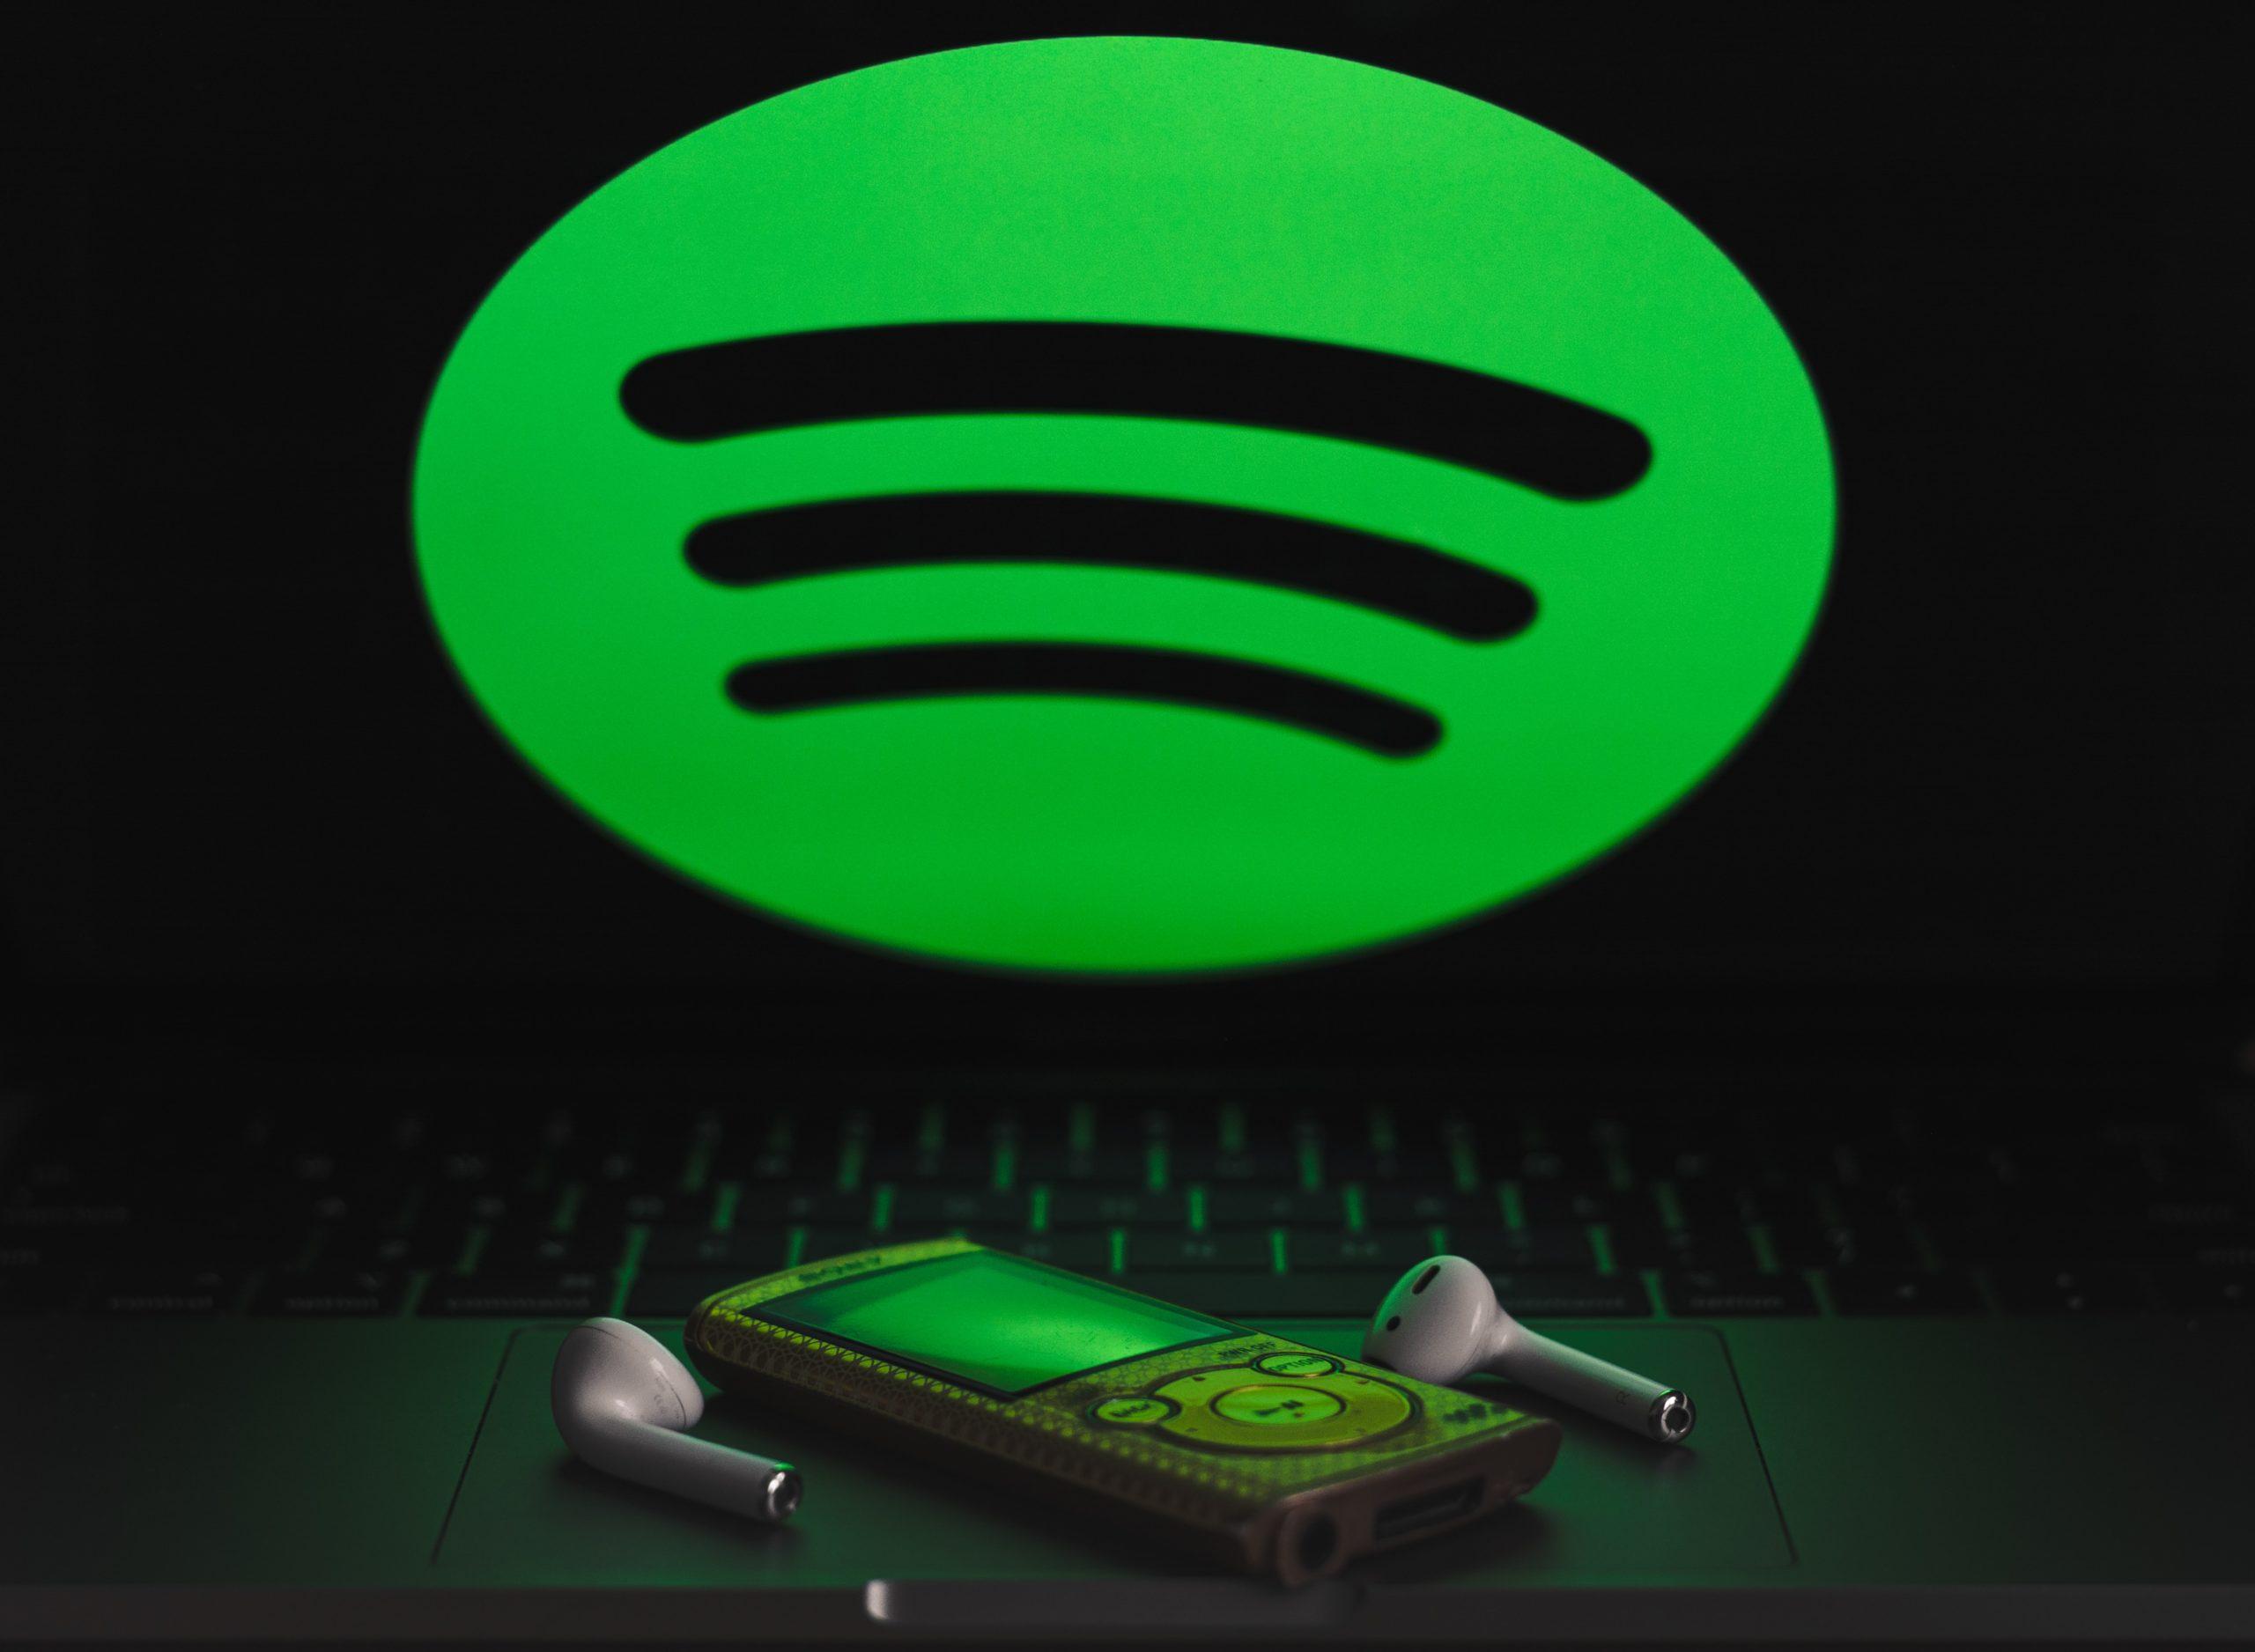 Spotify : malgré un nombre d'abonnés record, le suédois triple ses pertes - Journal du geek